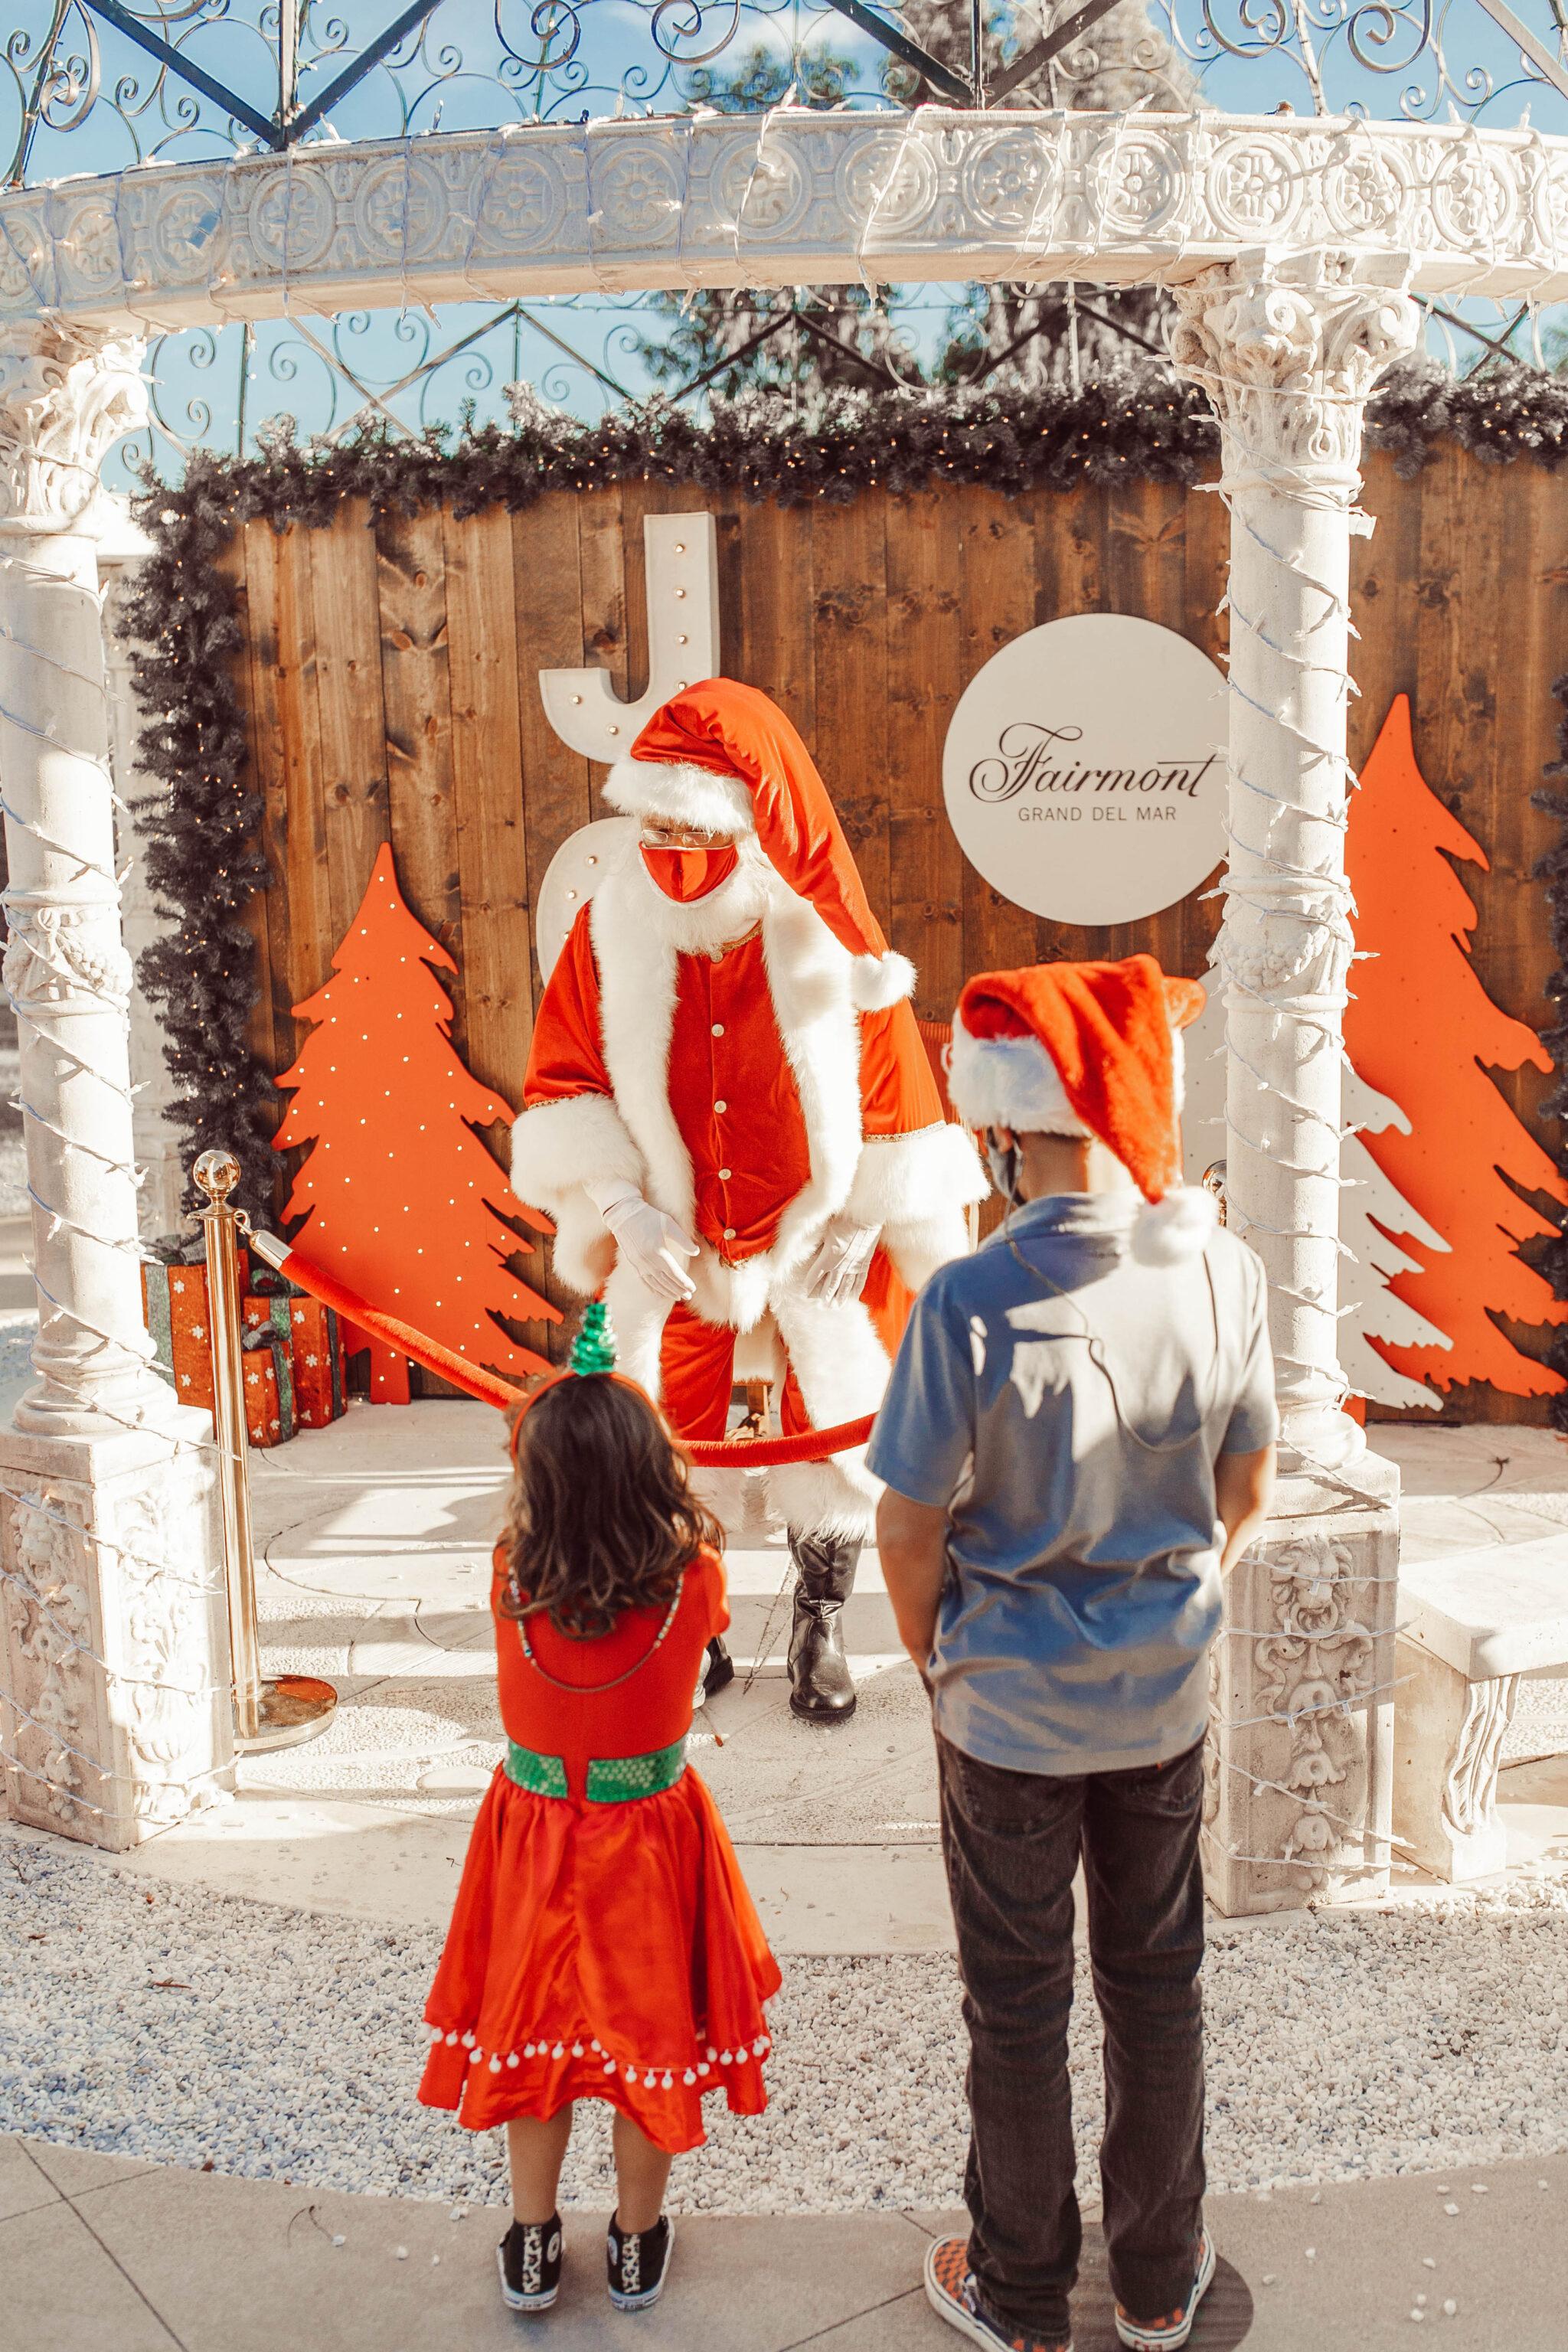 kids meeting santa claus